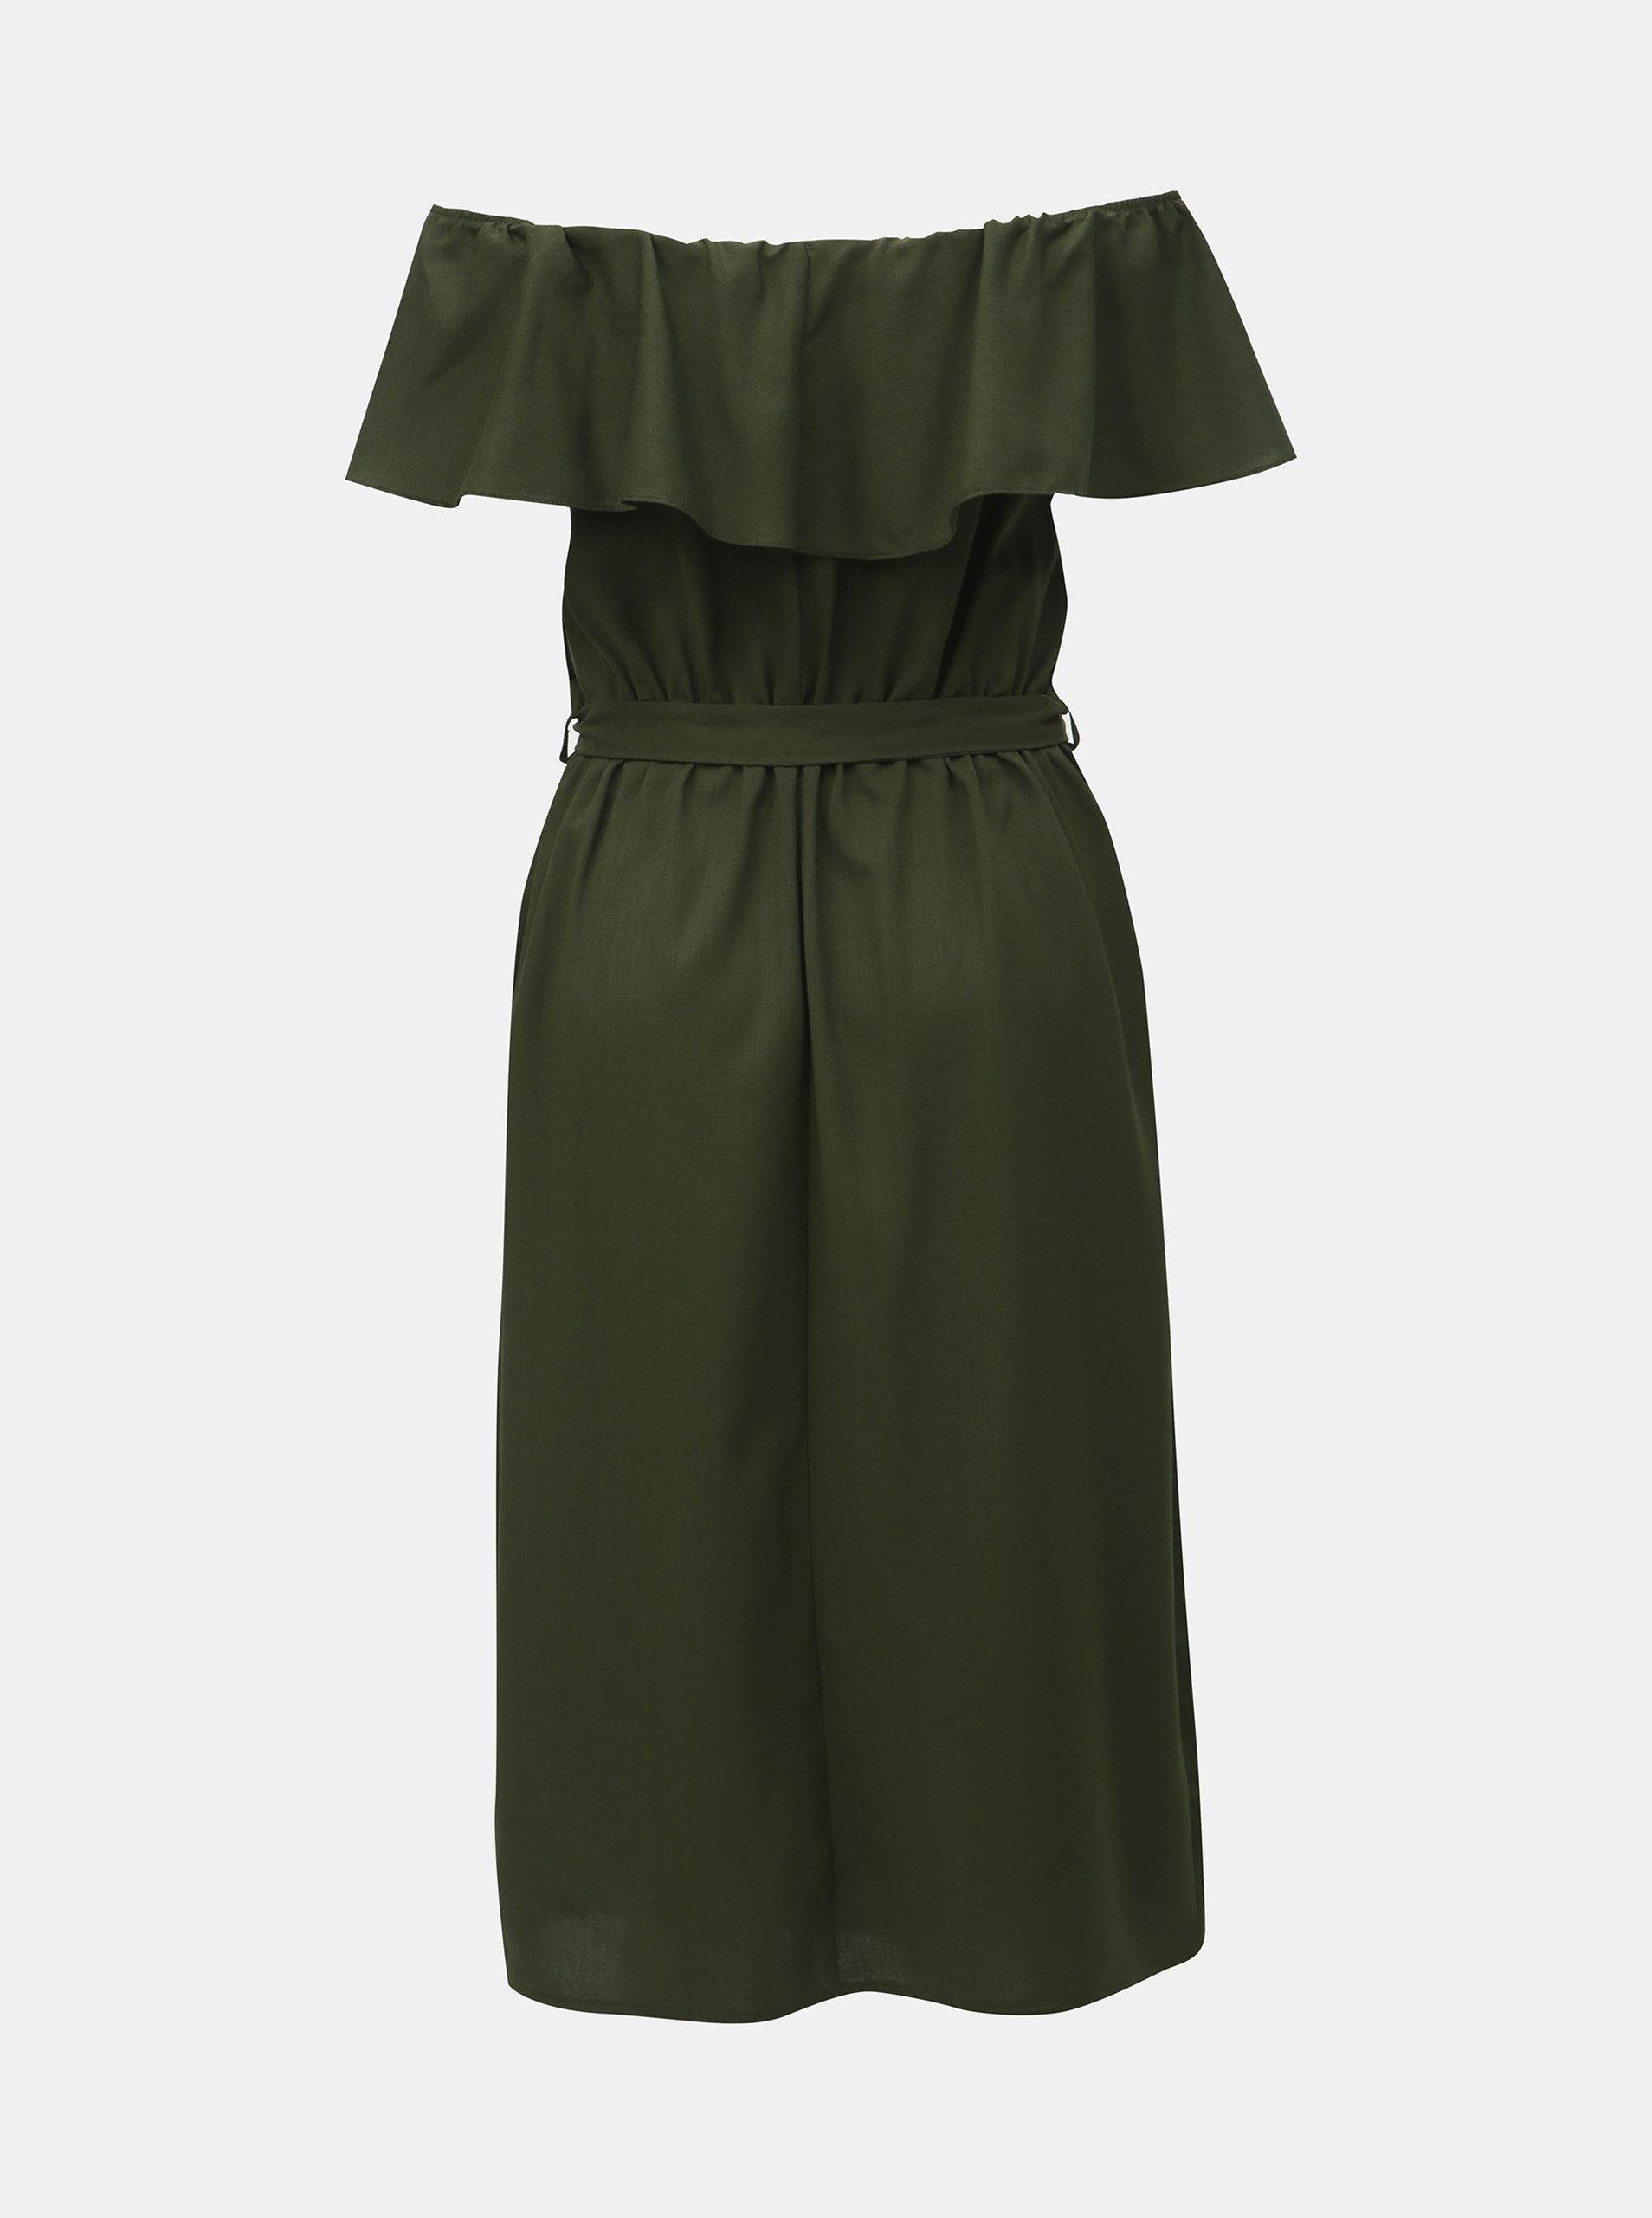 00784cab976b Tmavozelené šaty s odhalenými ramenami Dorothy Perkins ...